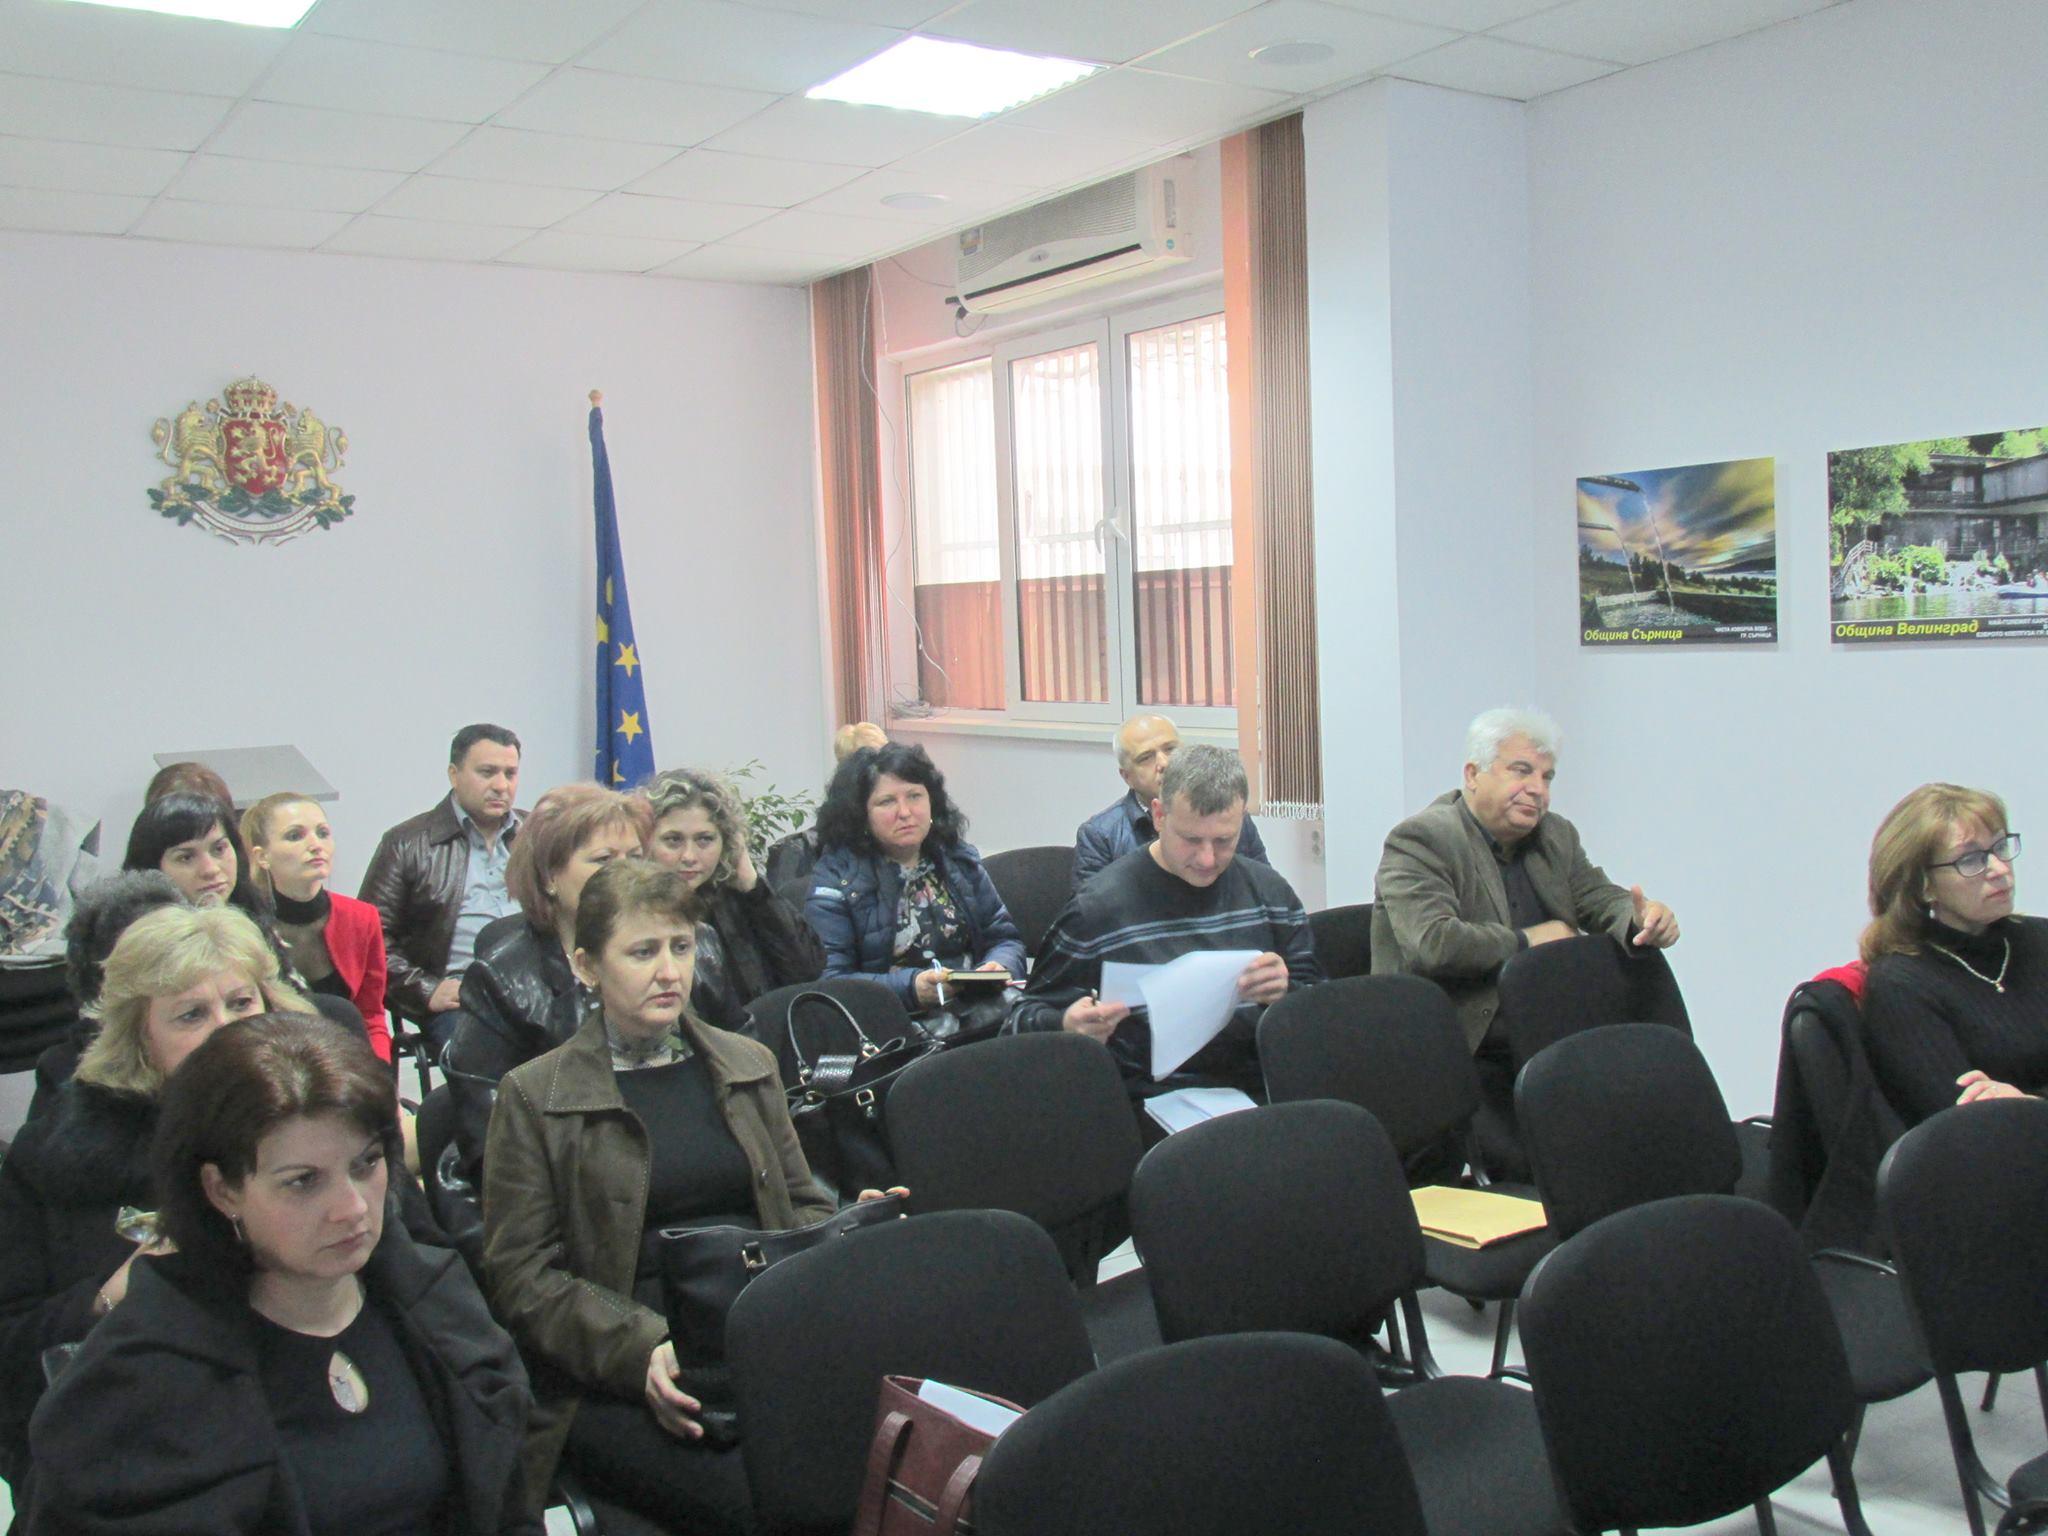 Нови работни места ще бъдат разкрити по Регионална програма за заетост и обучение в област Пазарджик